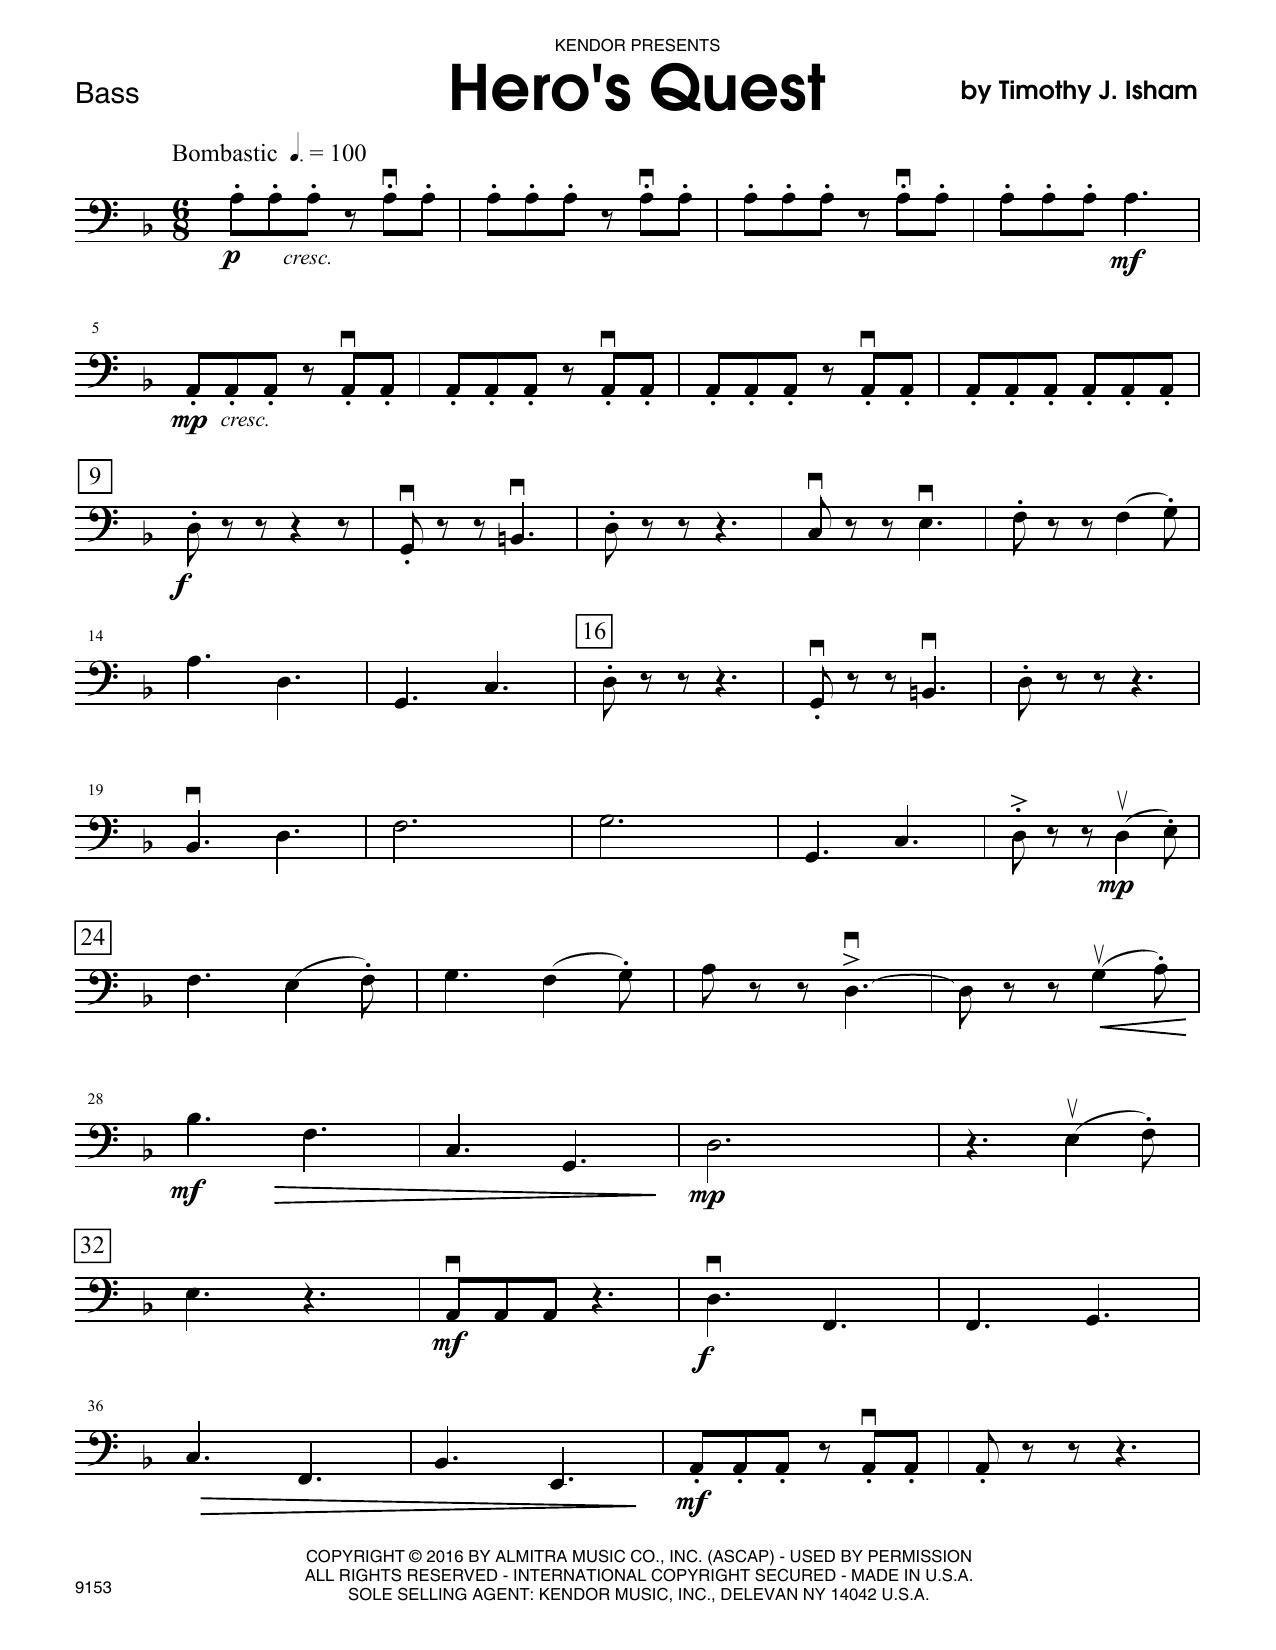 Hero's Quest - Bass Sheet Music